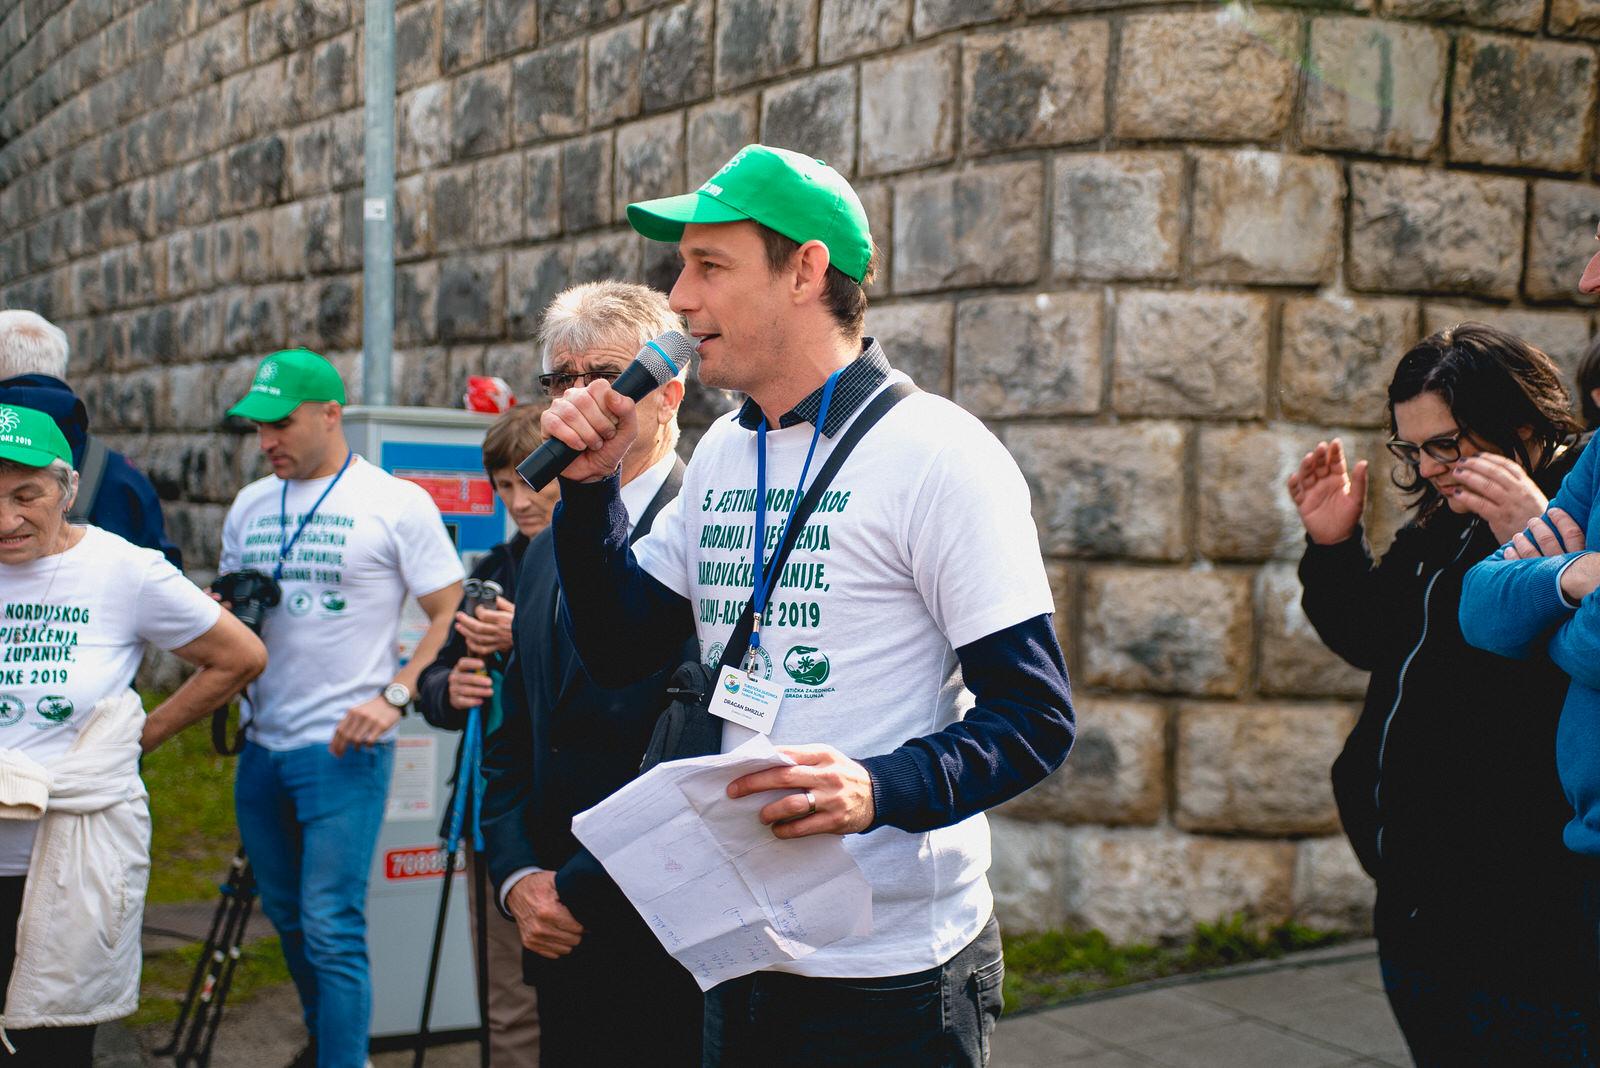 likaclub_slunj_rastoke_5-festival-nordijskog-hodanja_2019-36